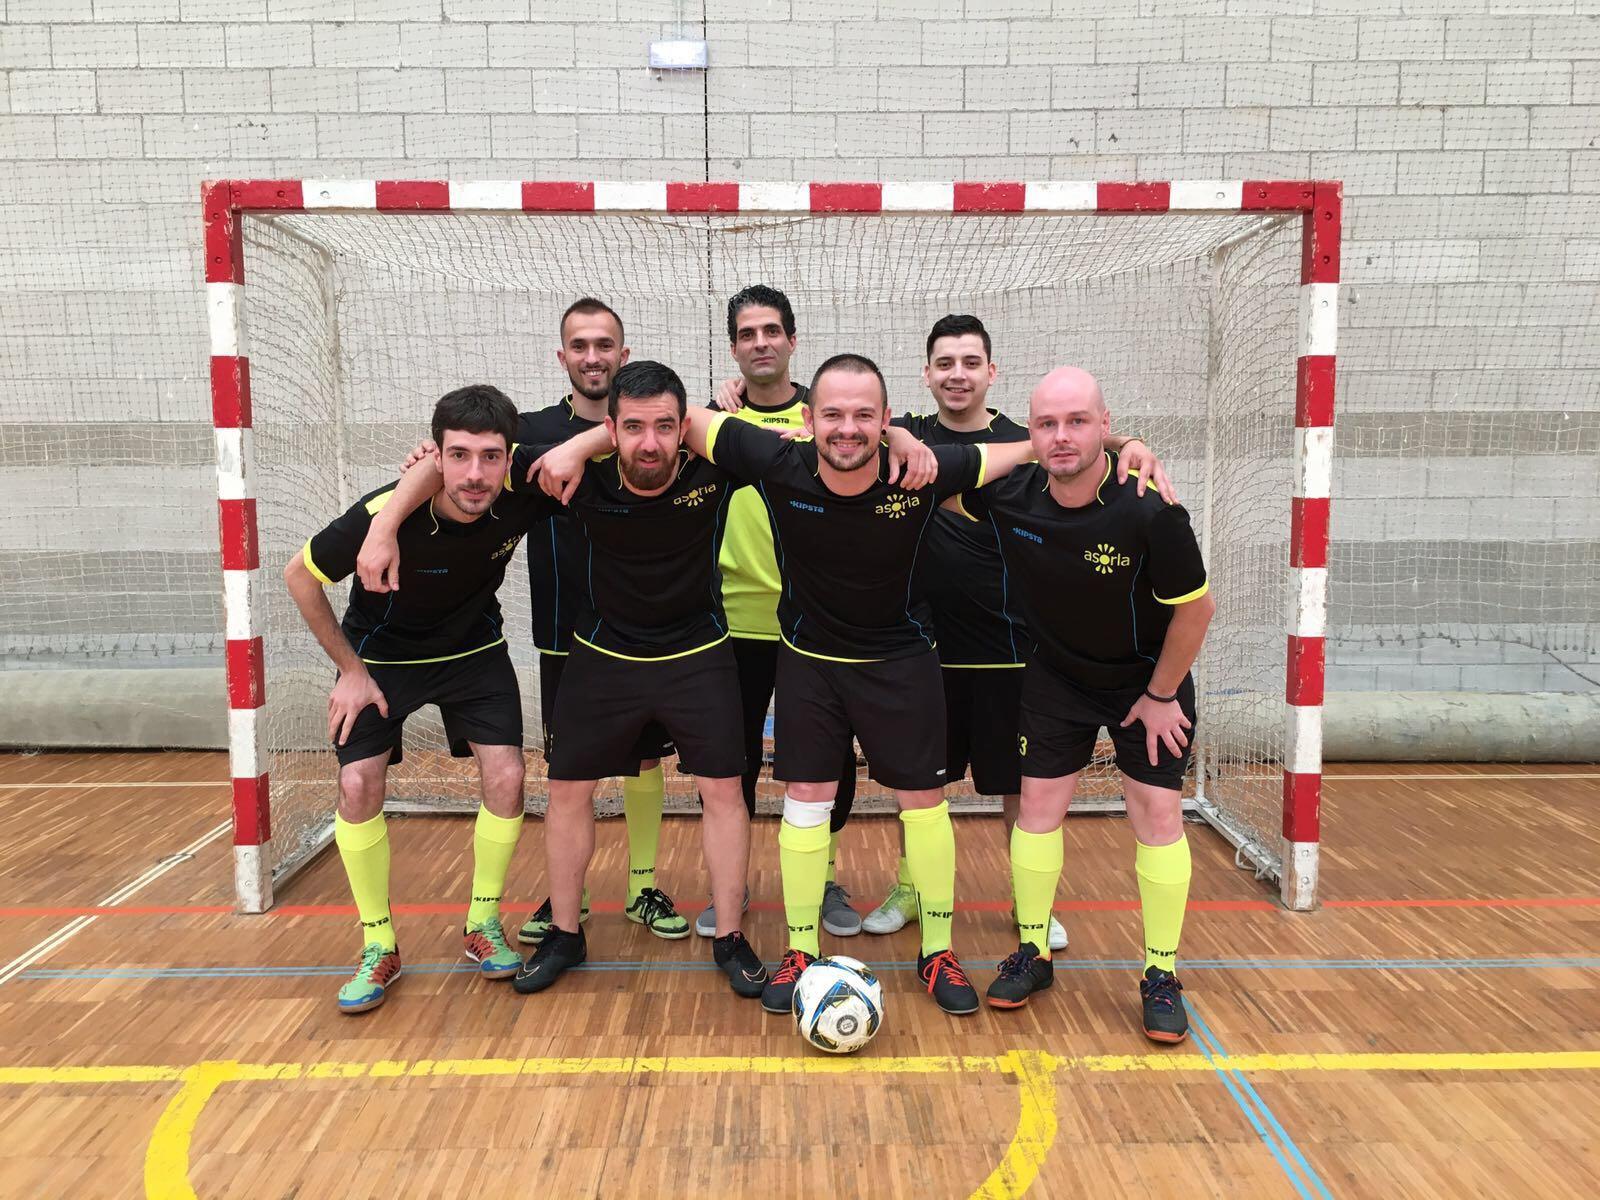 ASORLA participa en el Torneo de fútbol sala para jóvenes sordos en Gijón